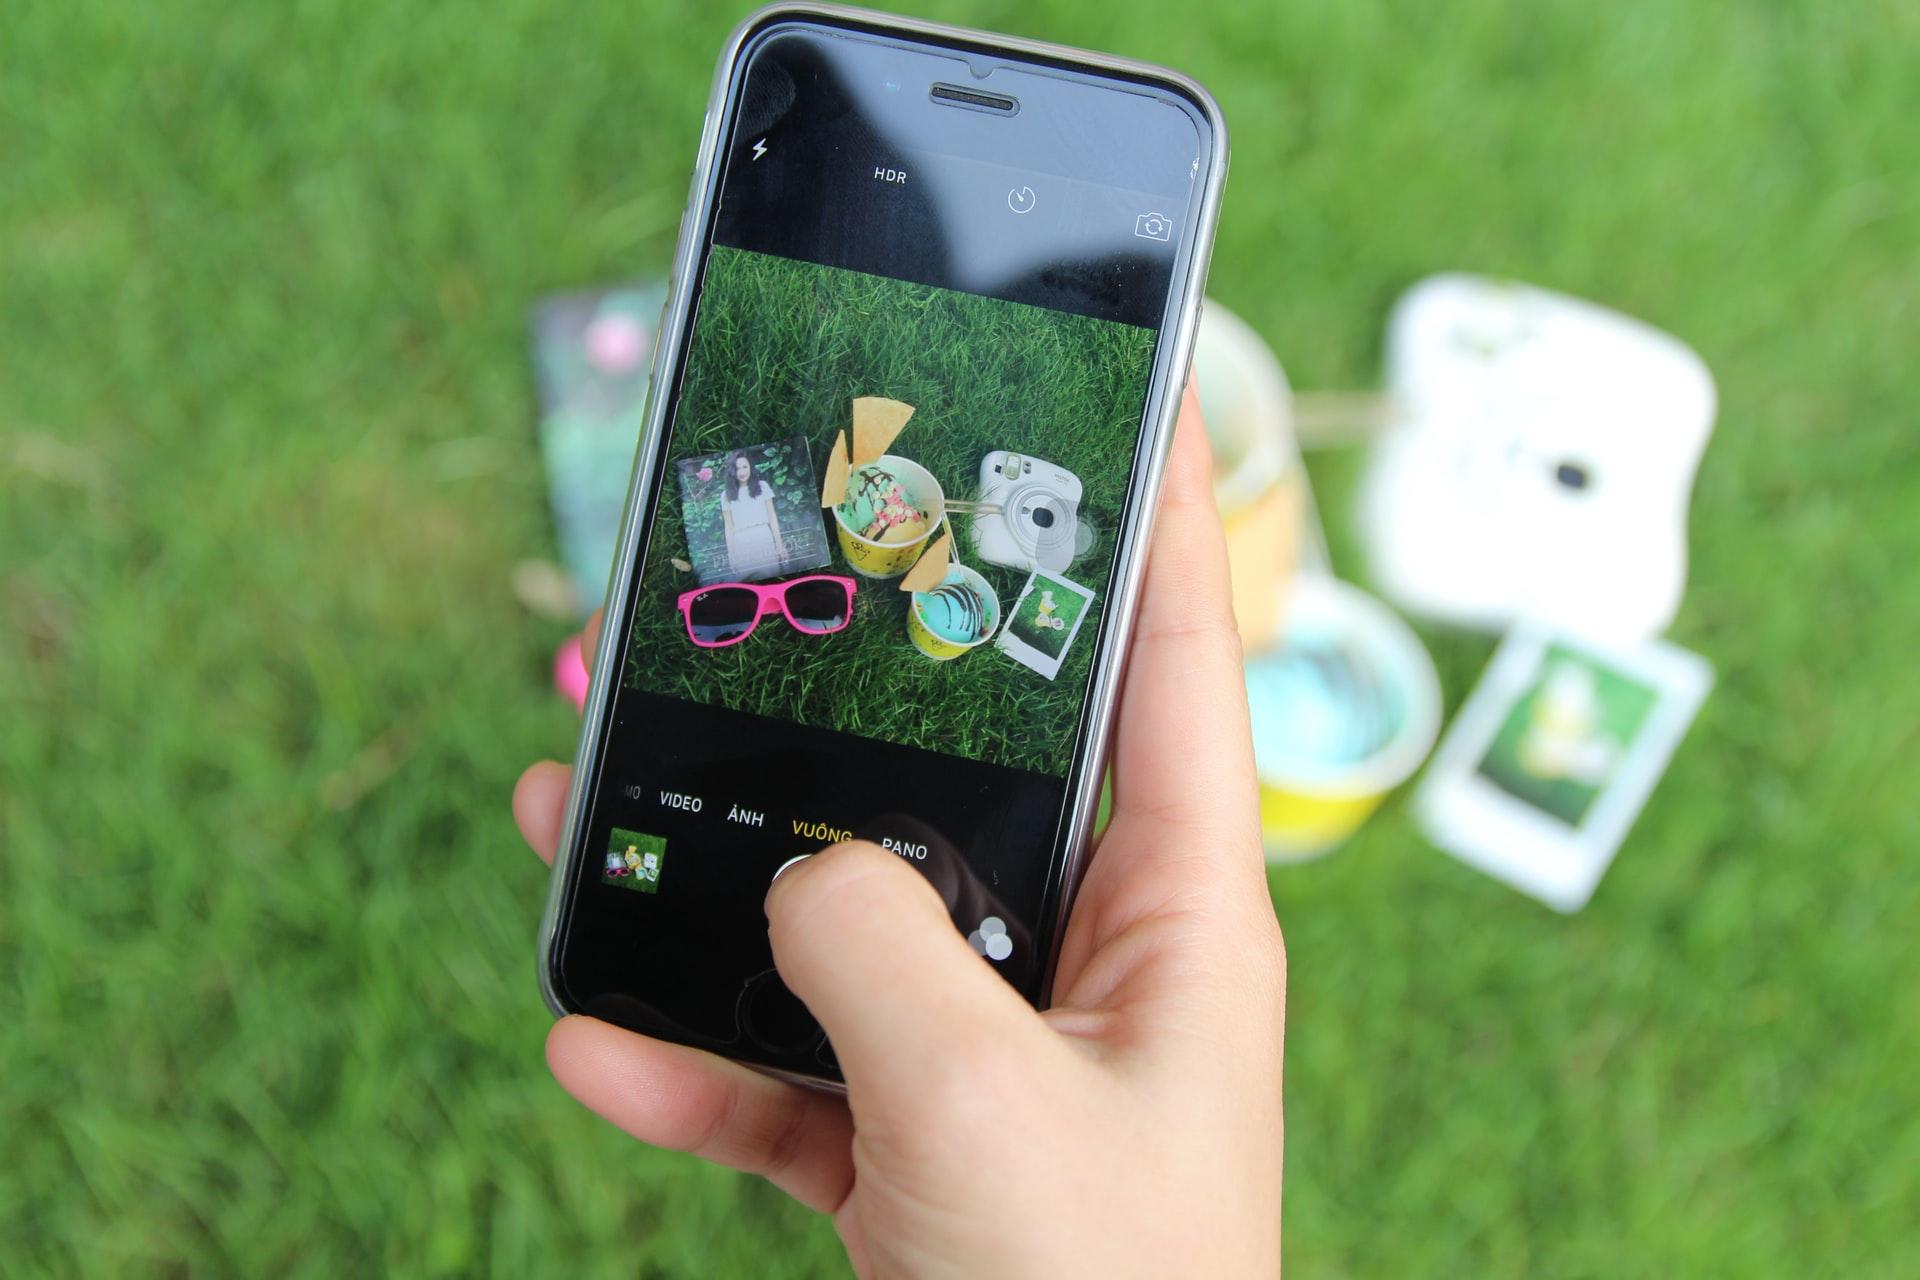 Un utente scatta con lo smartphone una foto ad alcuni oggetti